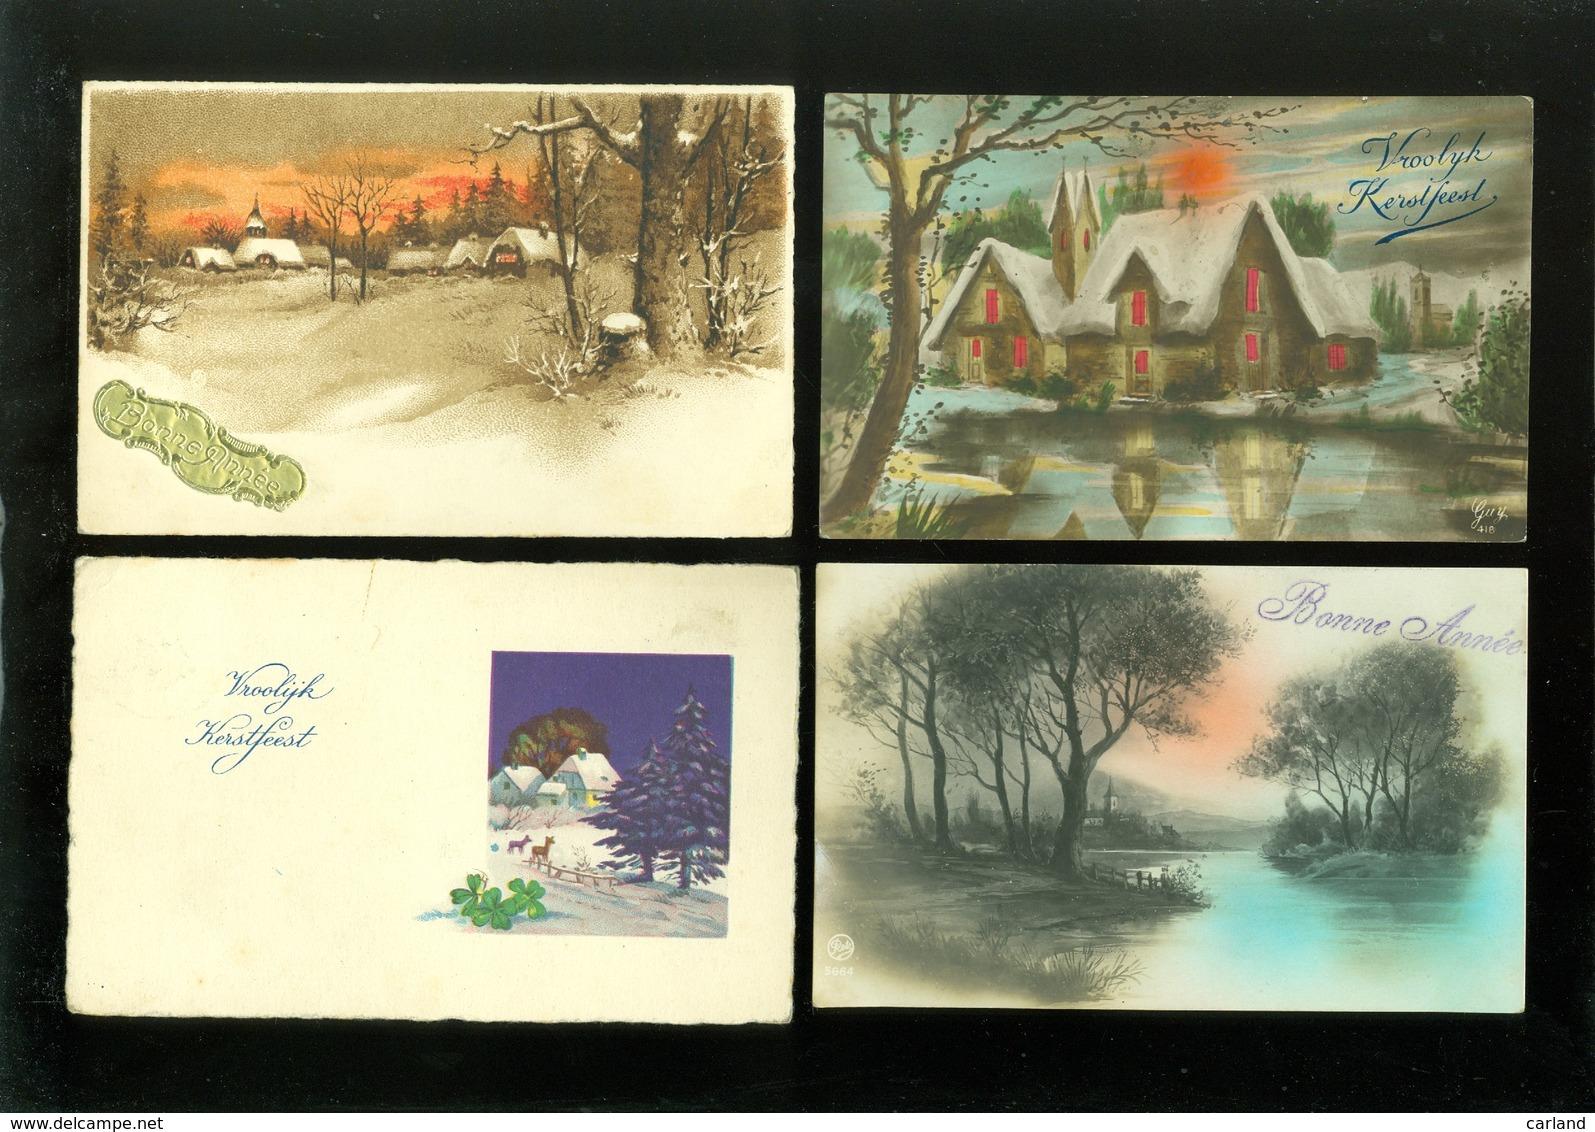 Beau Lot De 60 Cartes Postales De Fantaisie Paysages Paysage Mooi Lot Van 60 Postkaarten Fantasie Landschappen Landschap - Cartes Postales